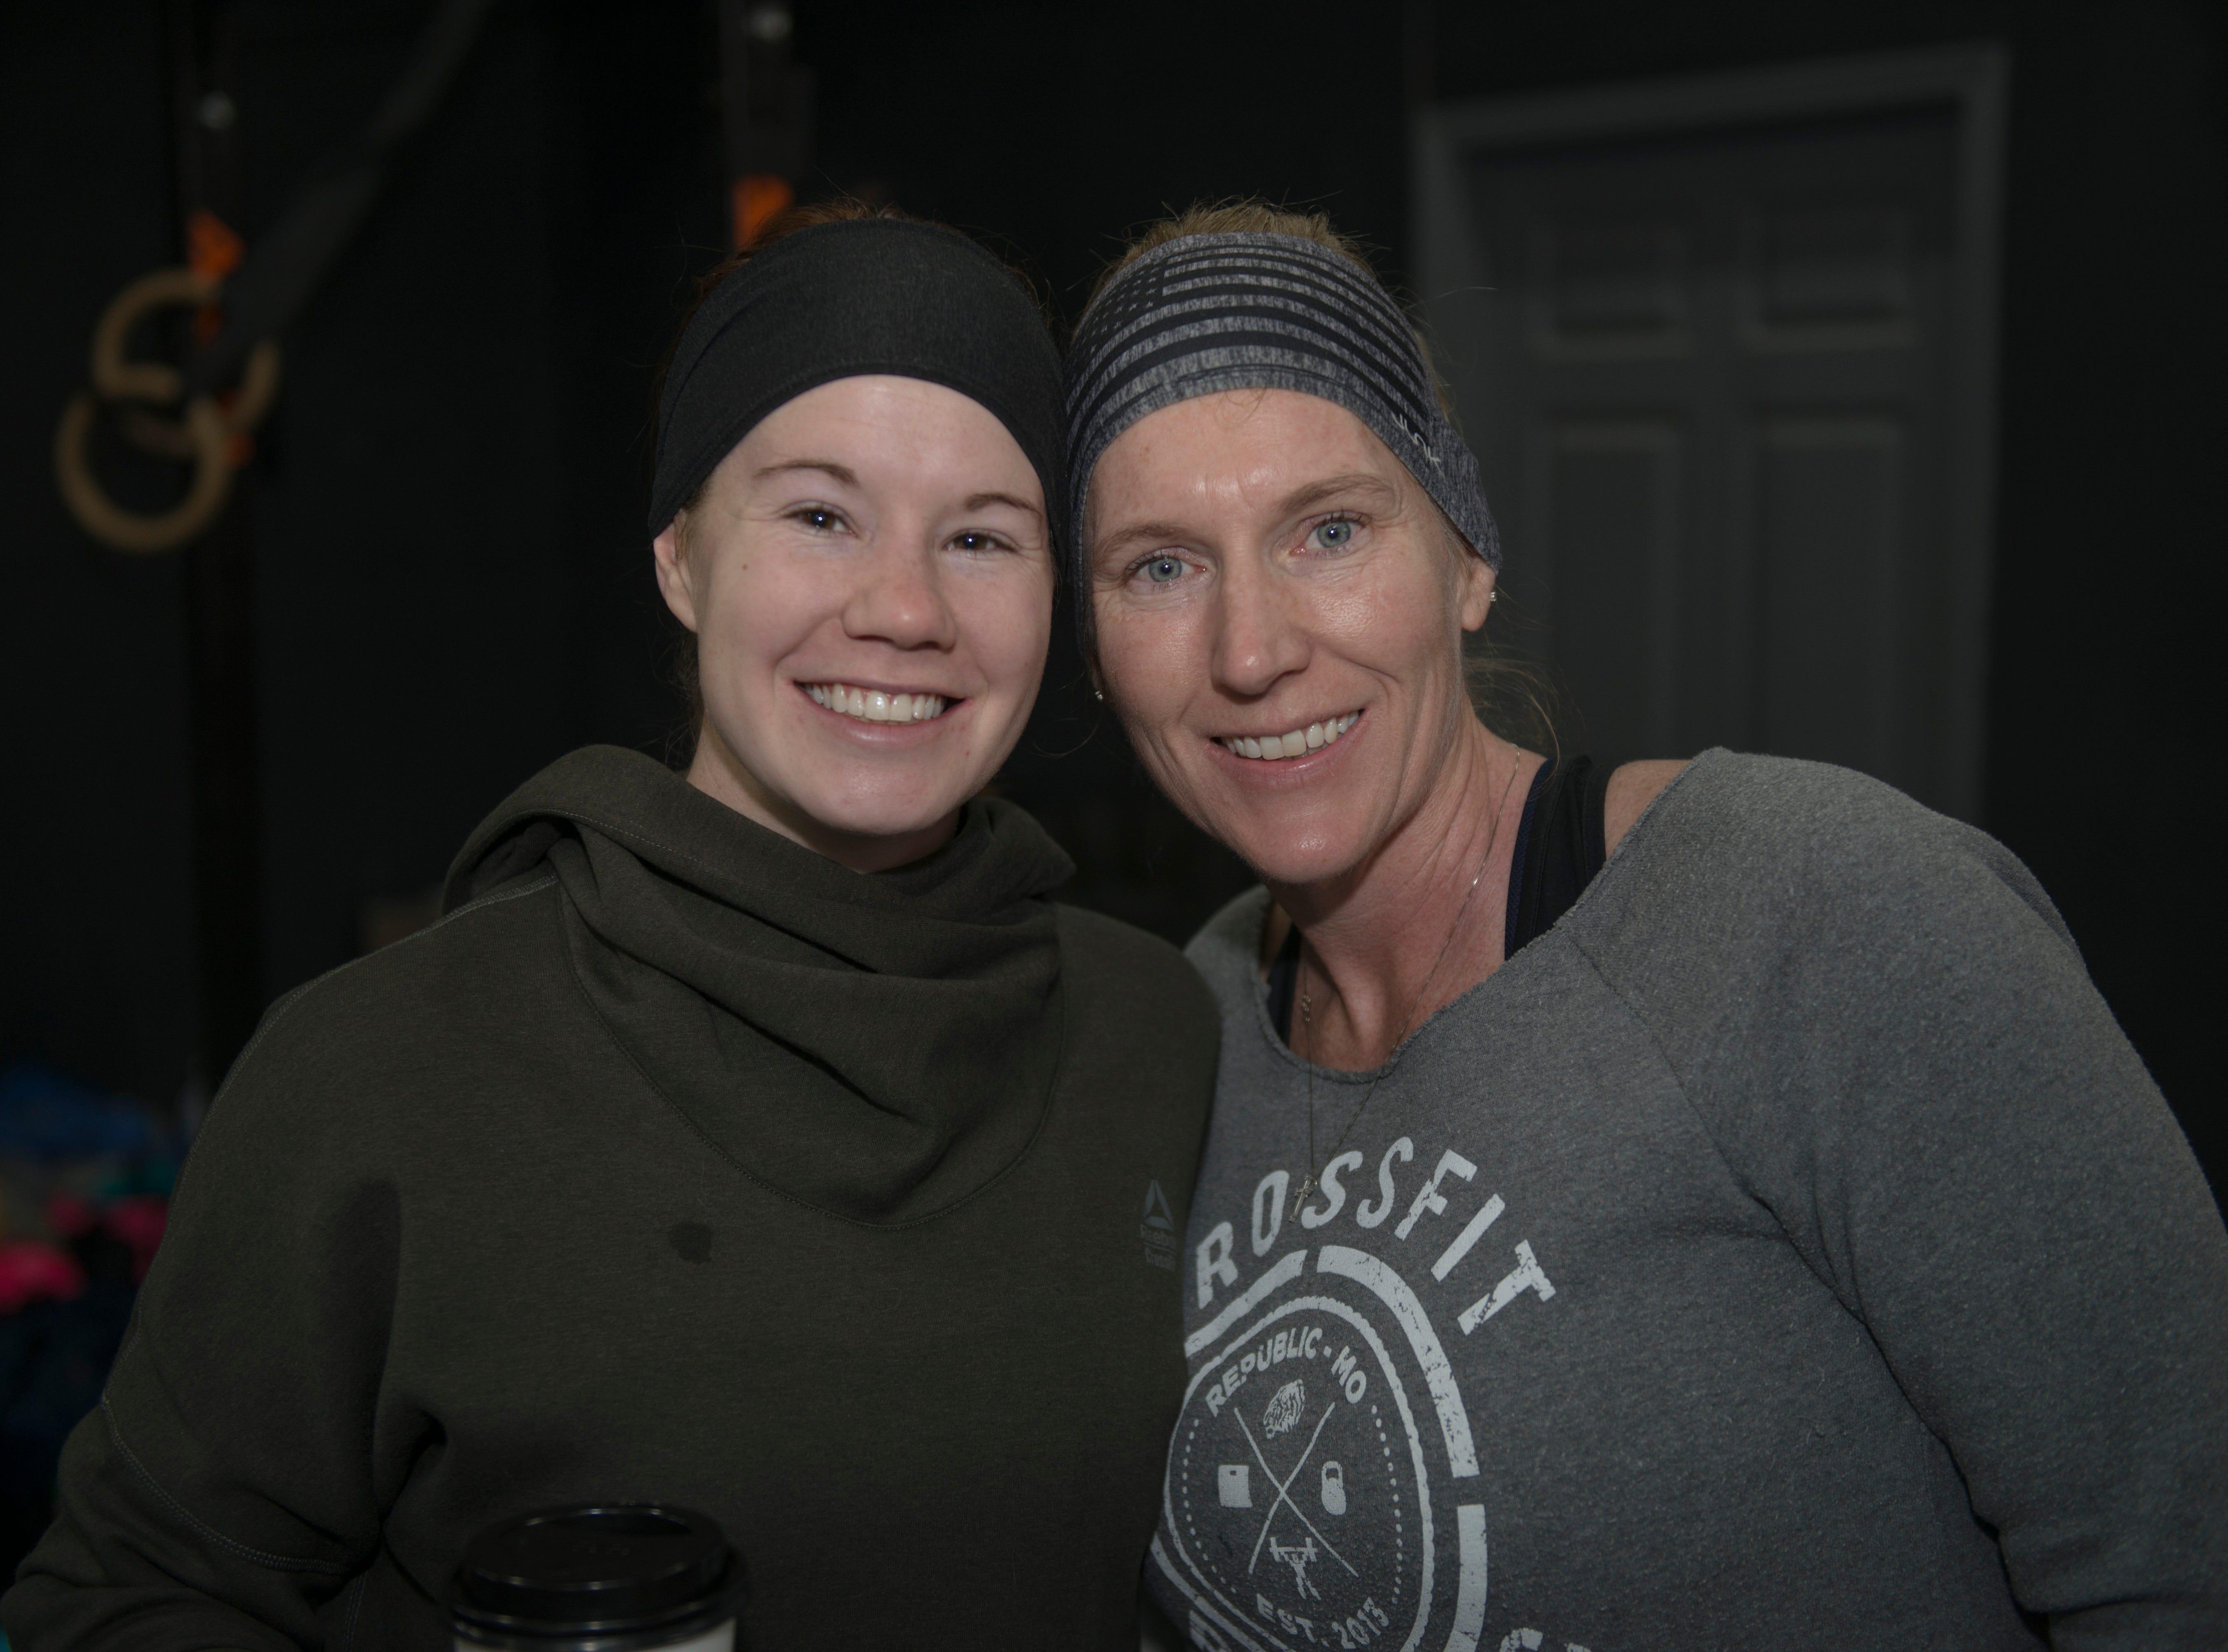 Sara Keatts and Tara Norman